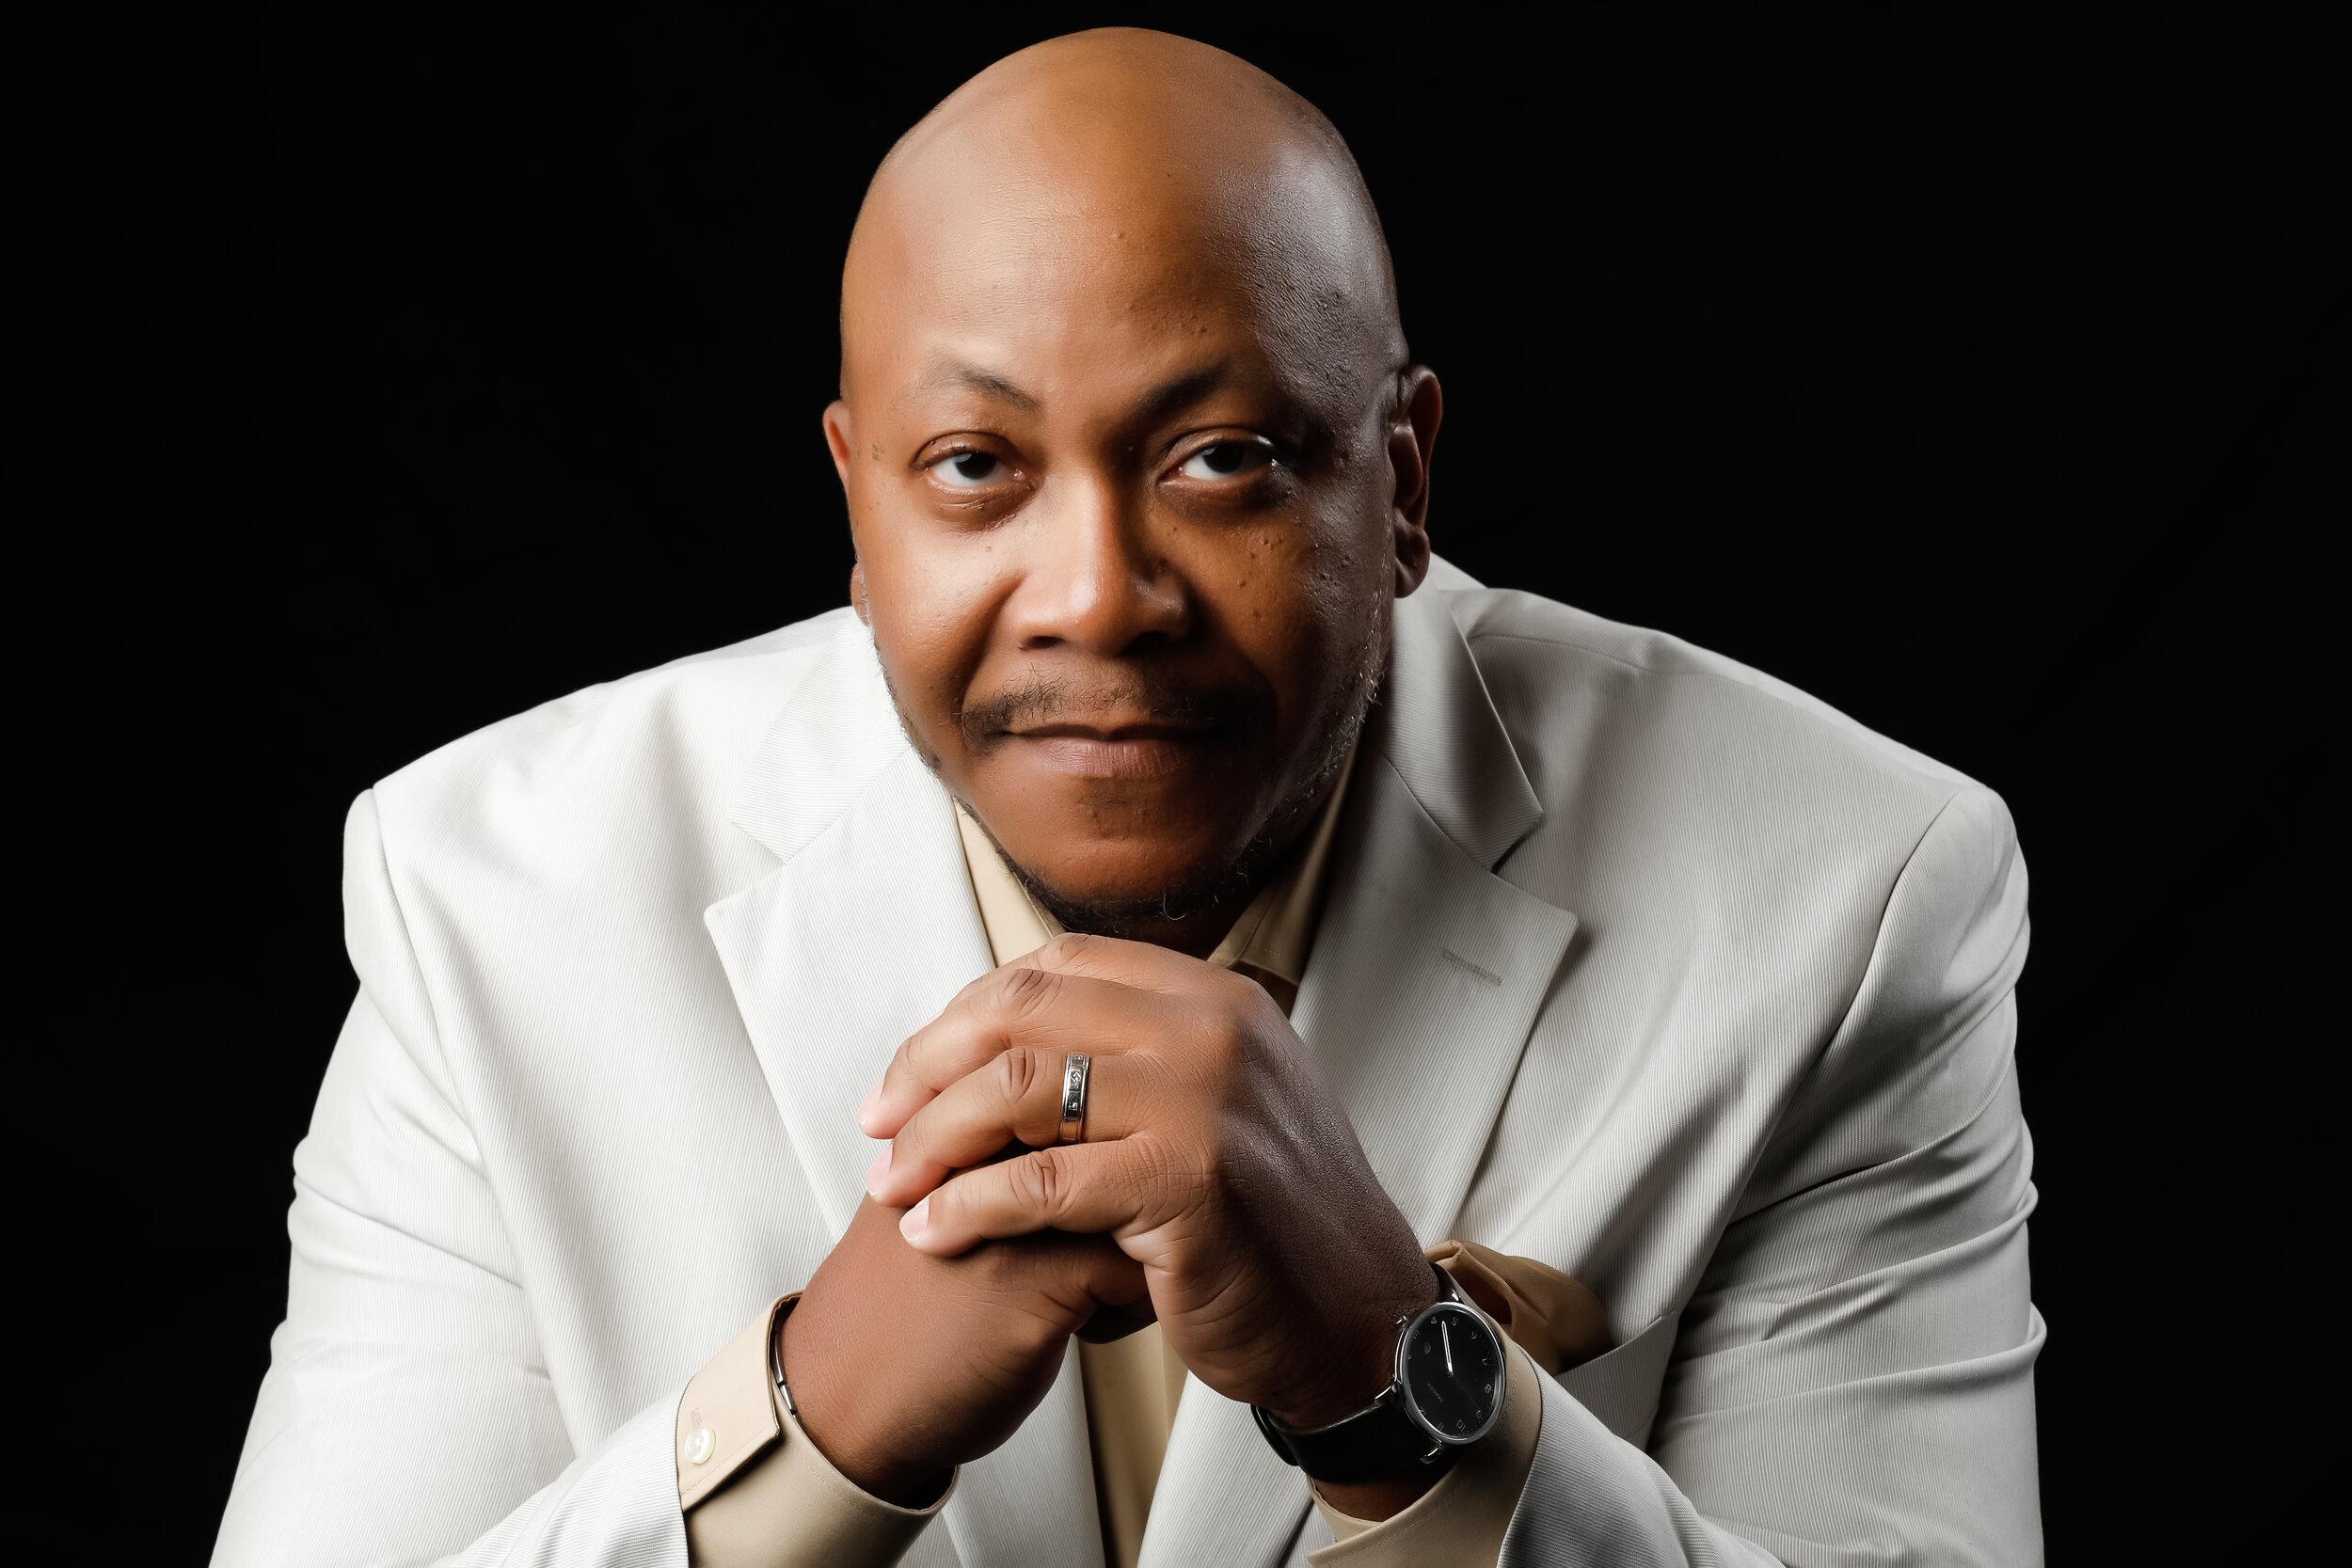 PASTOR MARTIN L. JAKES, SR. - Senior Pastor and Founder